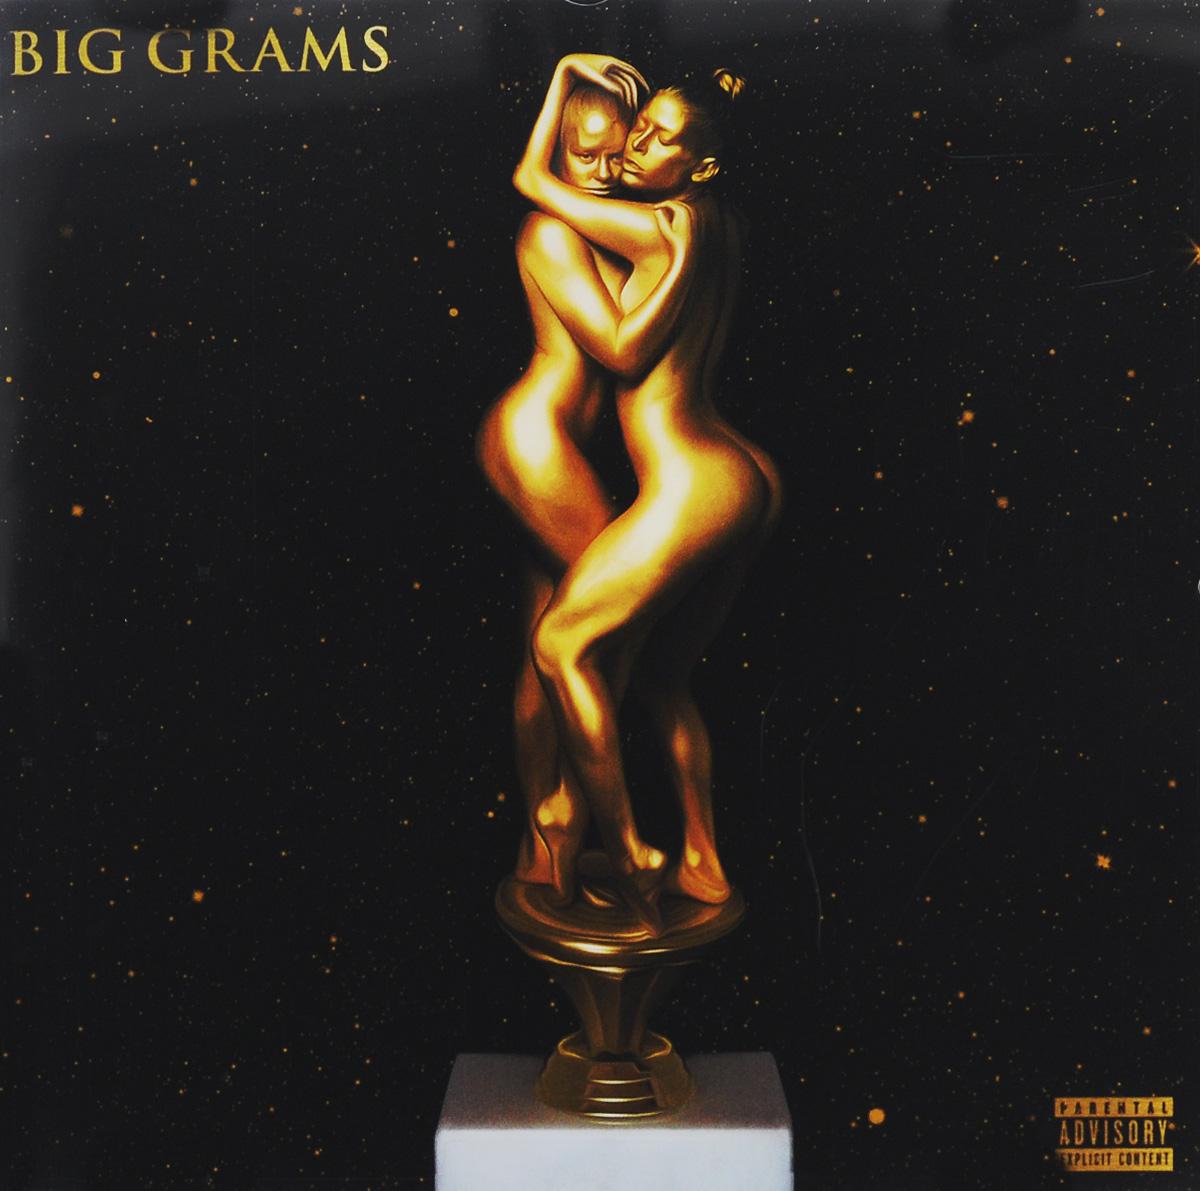 Big Grams Big Grams. Big Grams big grams big grams big grams